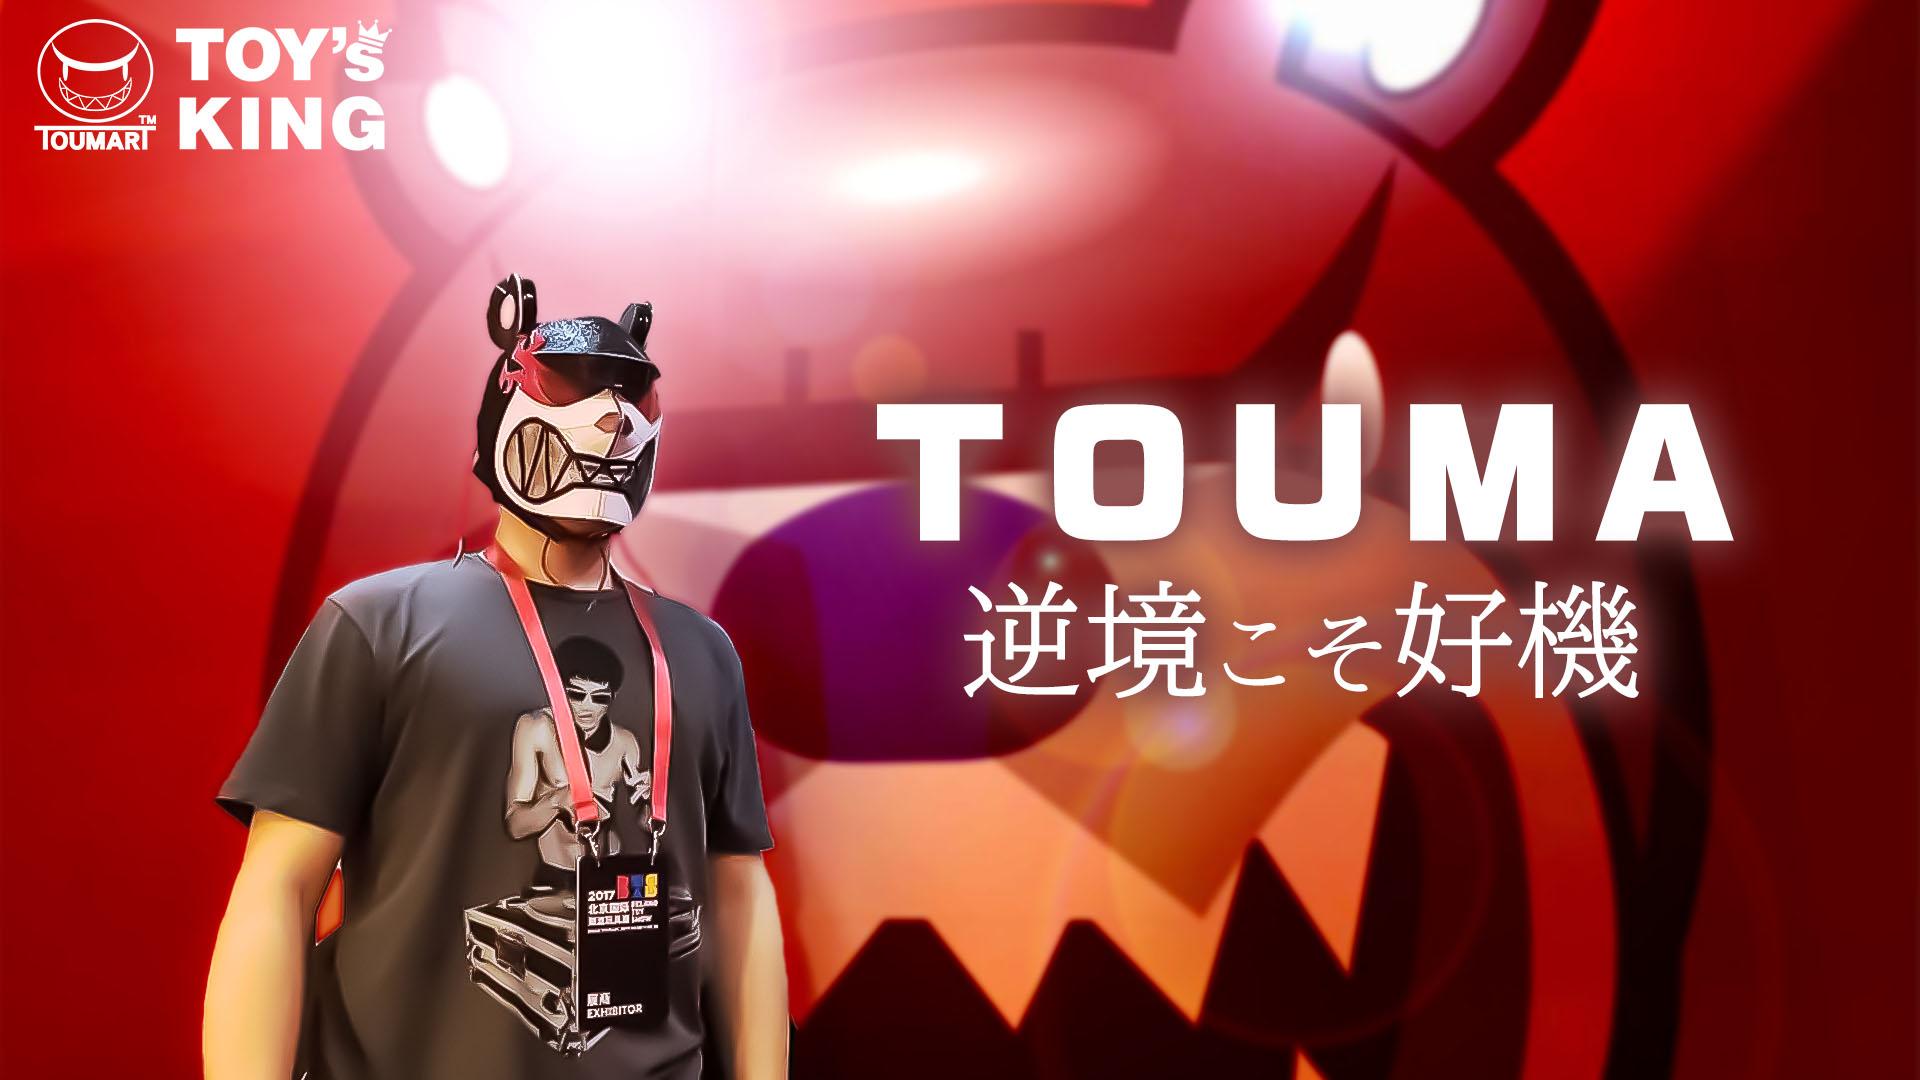 【ソフビの世界のスゴイ人】「 逆境こそ好機 」TOUMAさん特集 第3弾 、アート作家TOUMAはこうして生まれた!!